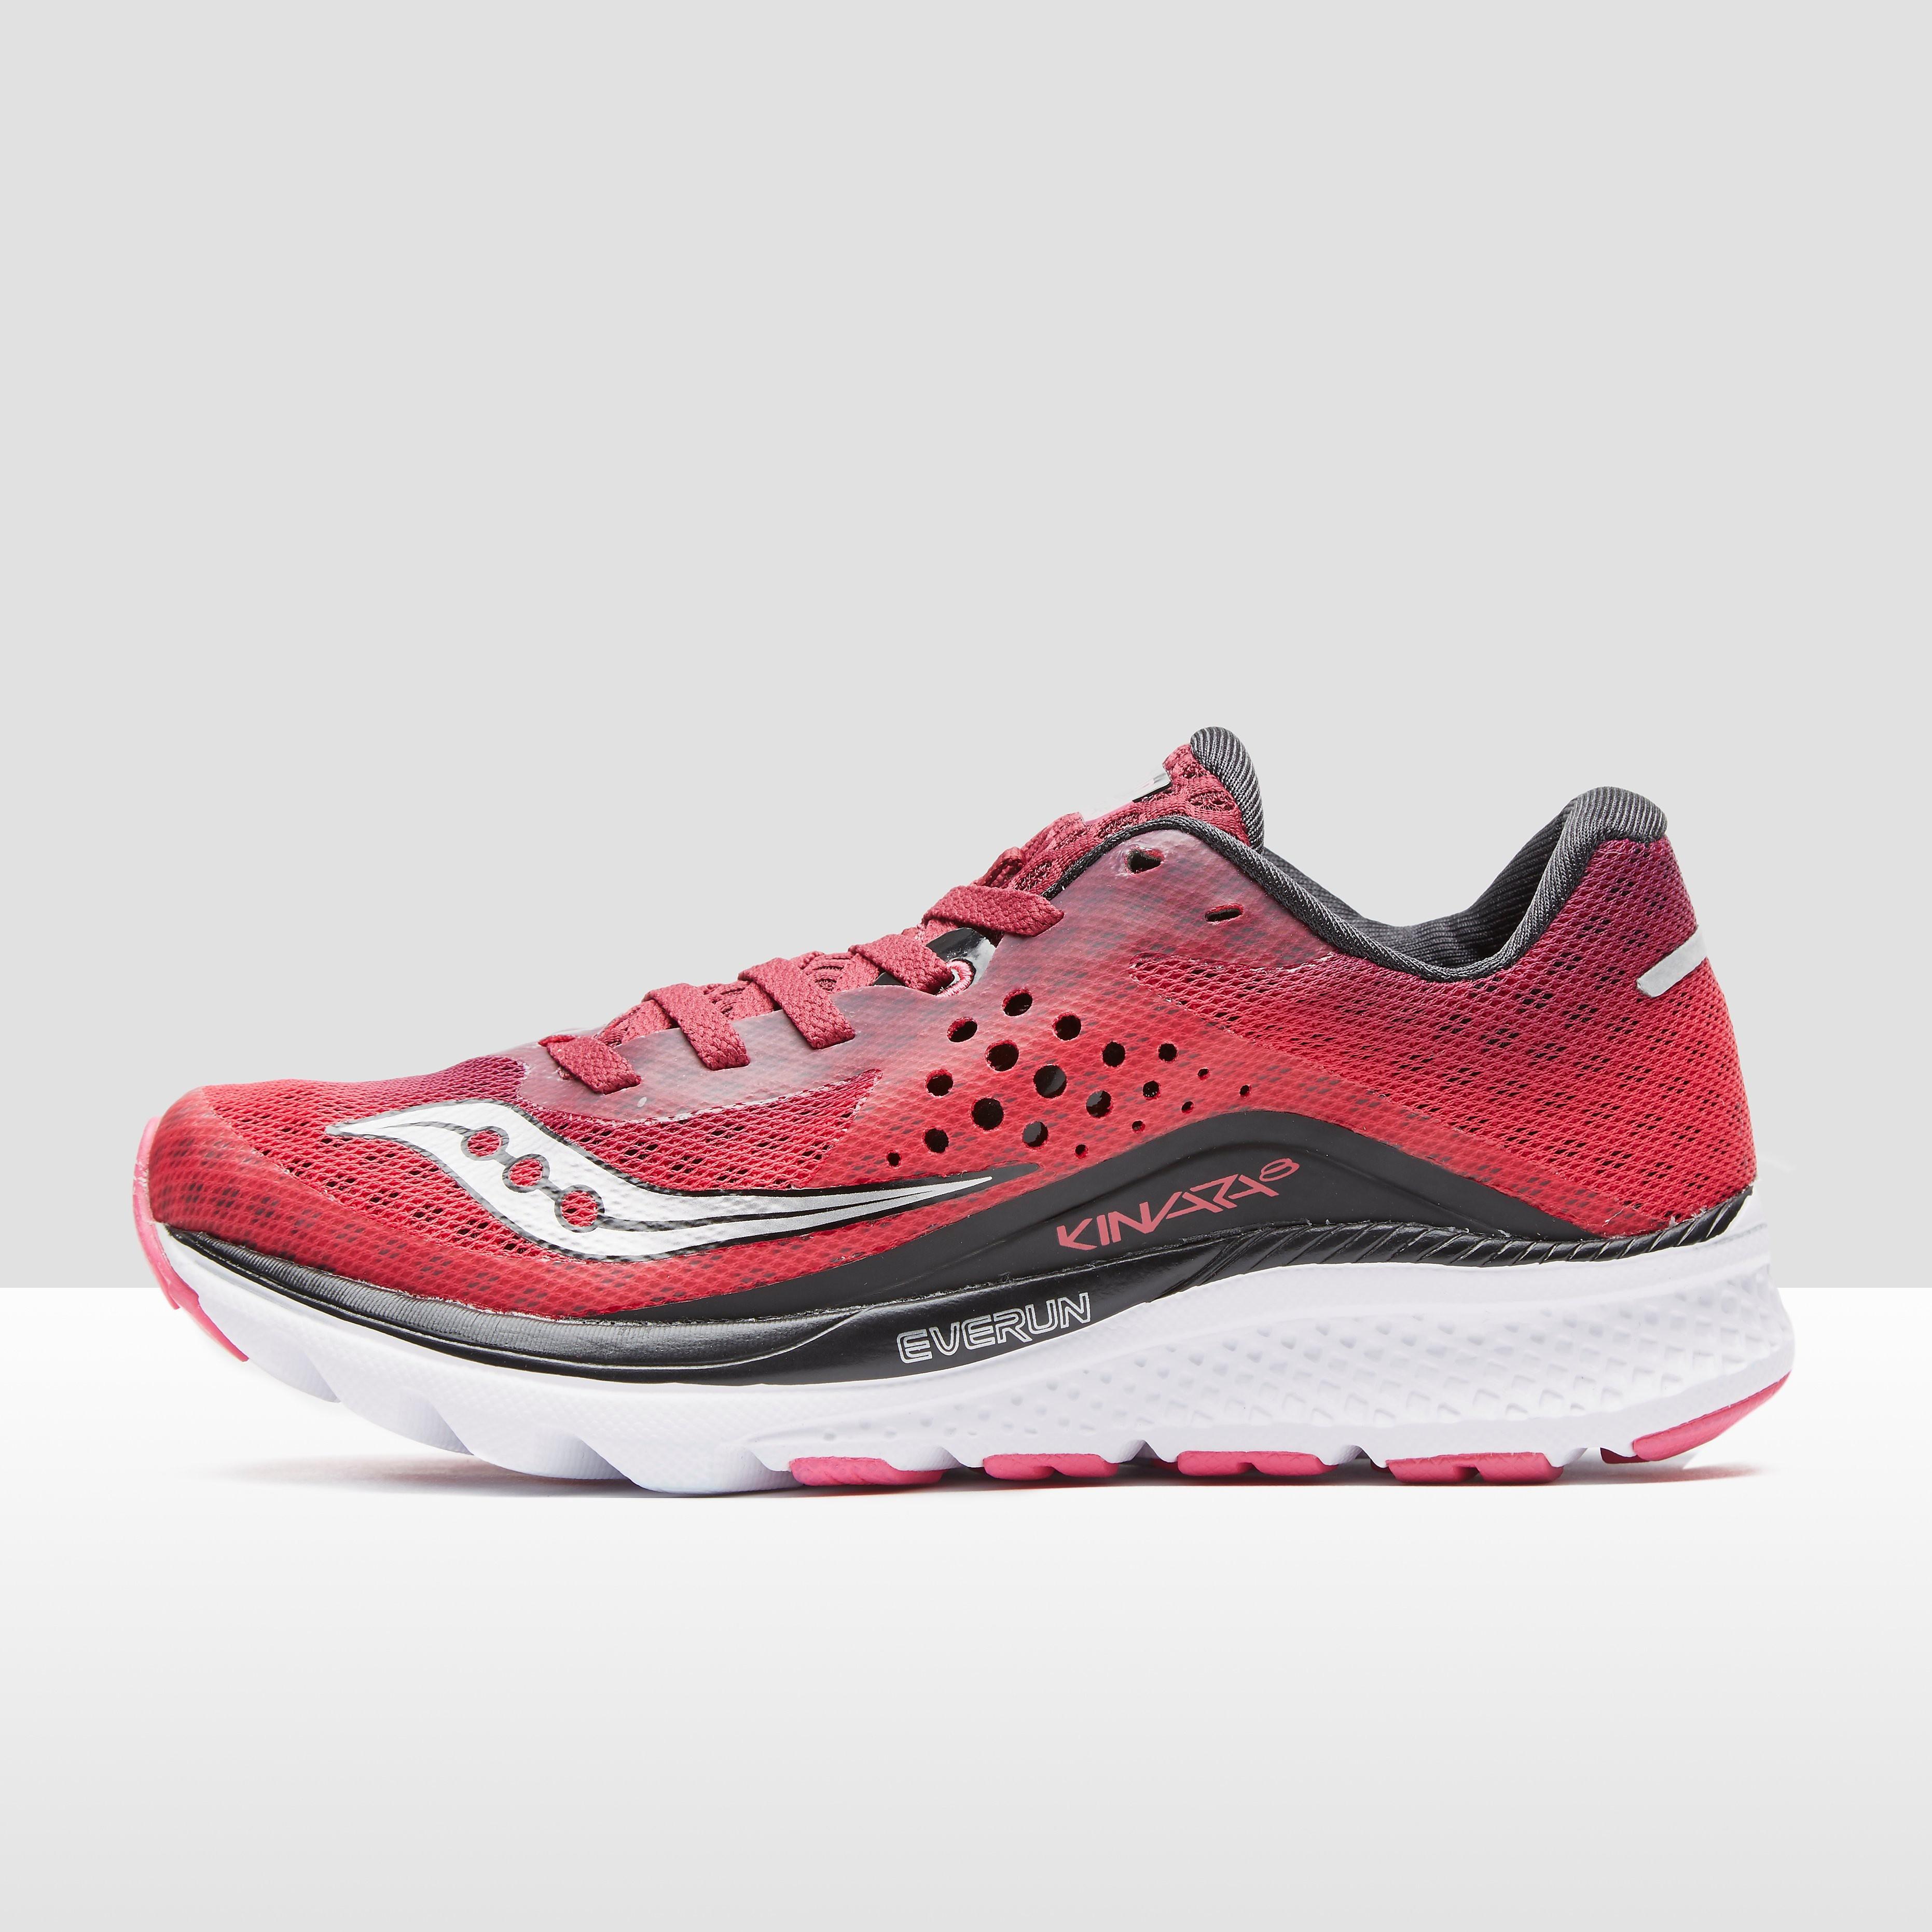 Saucony Kinvara 8 Women's Running Shoes